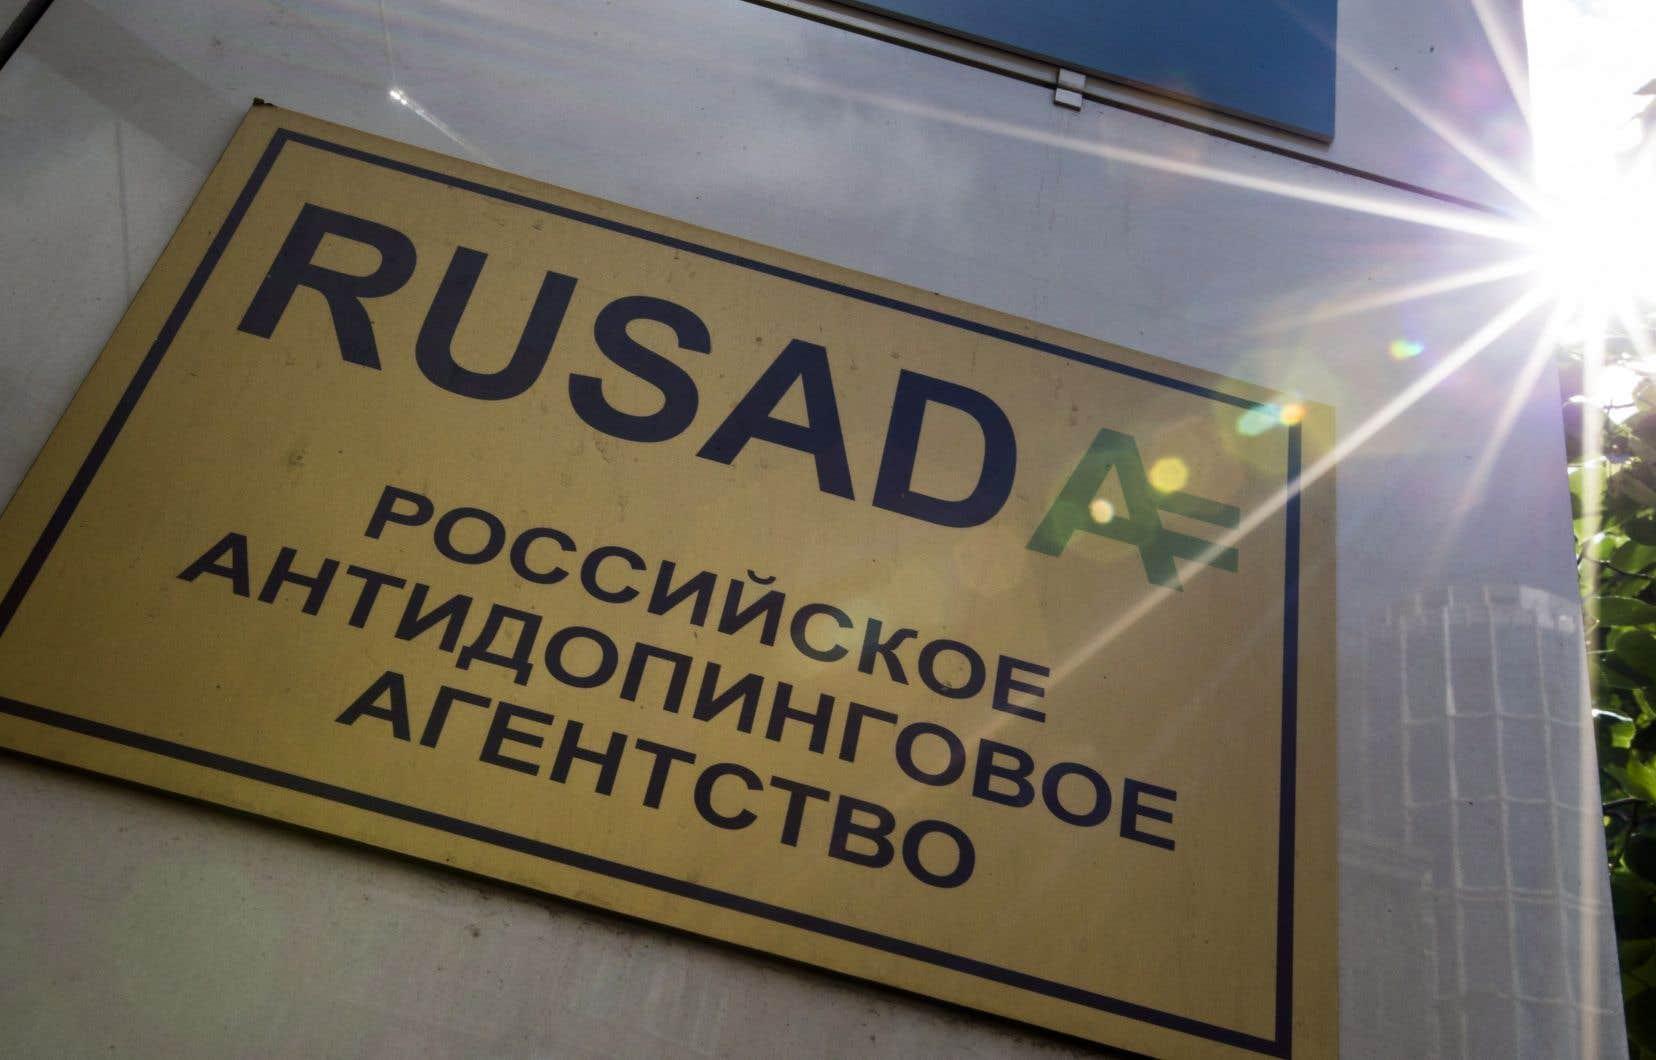 La Rusada avait été frappée de sanctions pour le système de dopage institutionnel ayant eu cours en Russie entre 2011 et 2015.